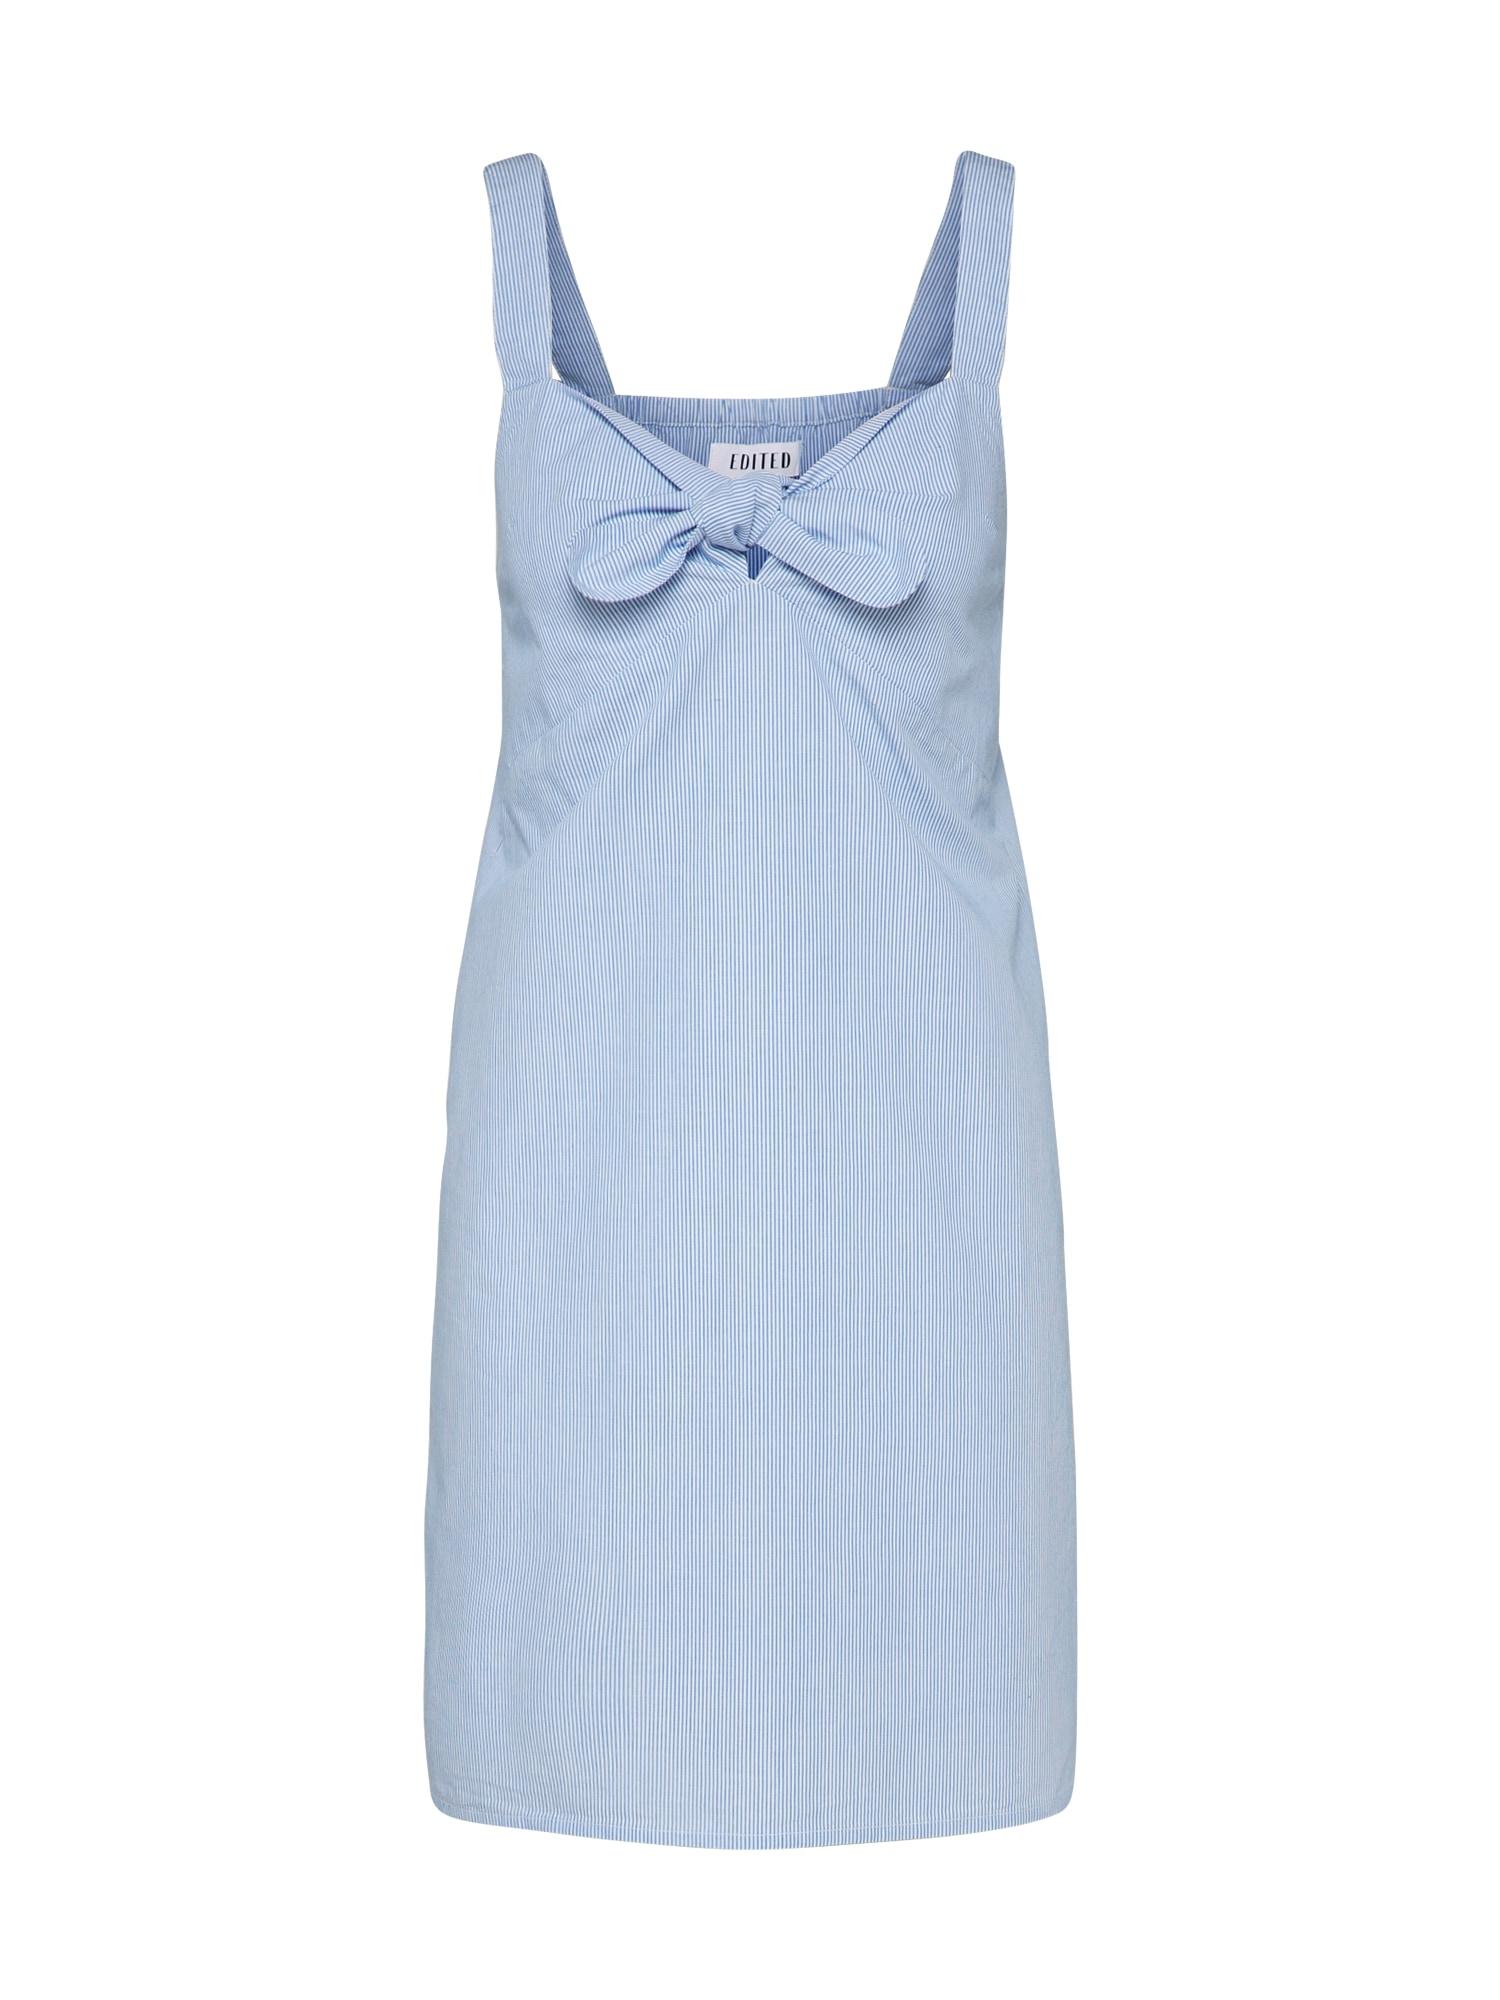 Letní šaty Amala modrá bílá EDITED